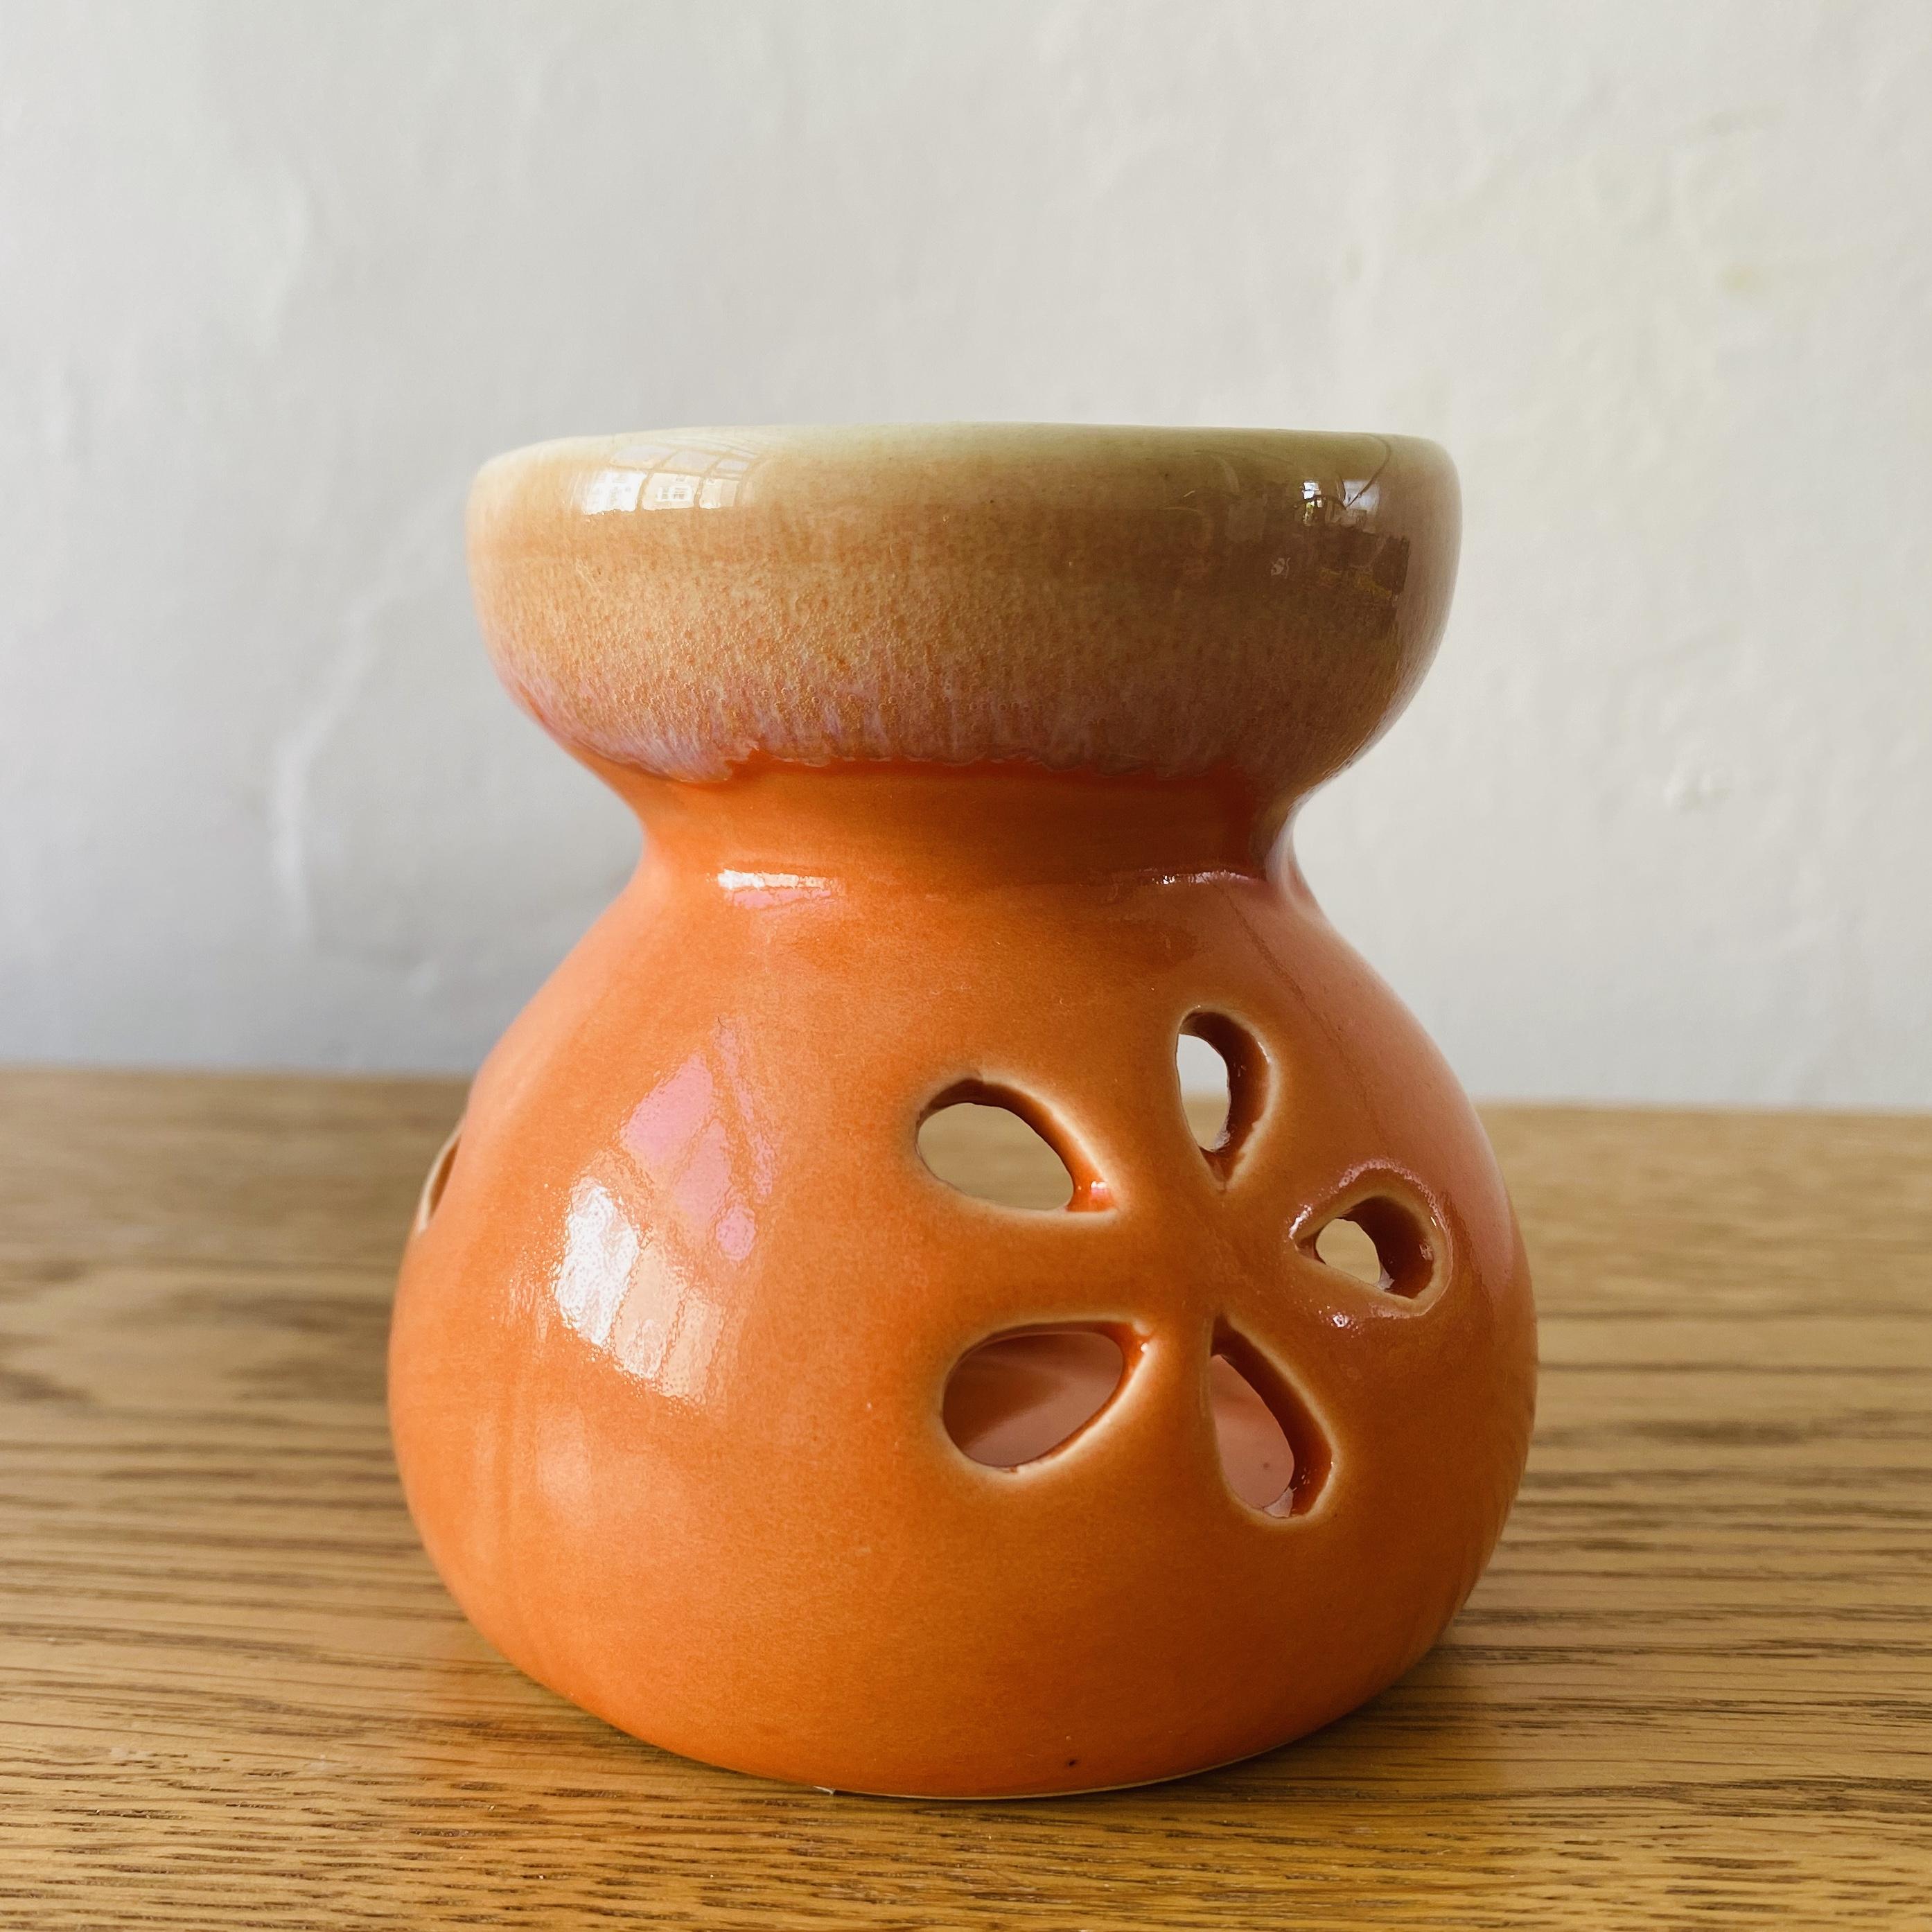 Small Ceramic Oil Burner